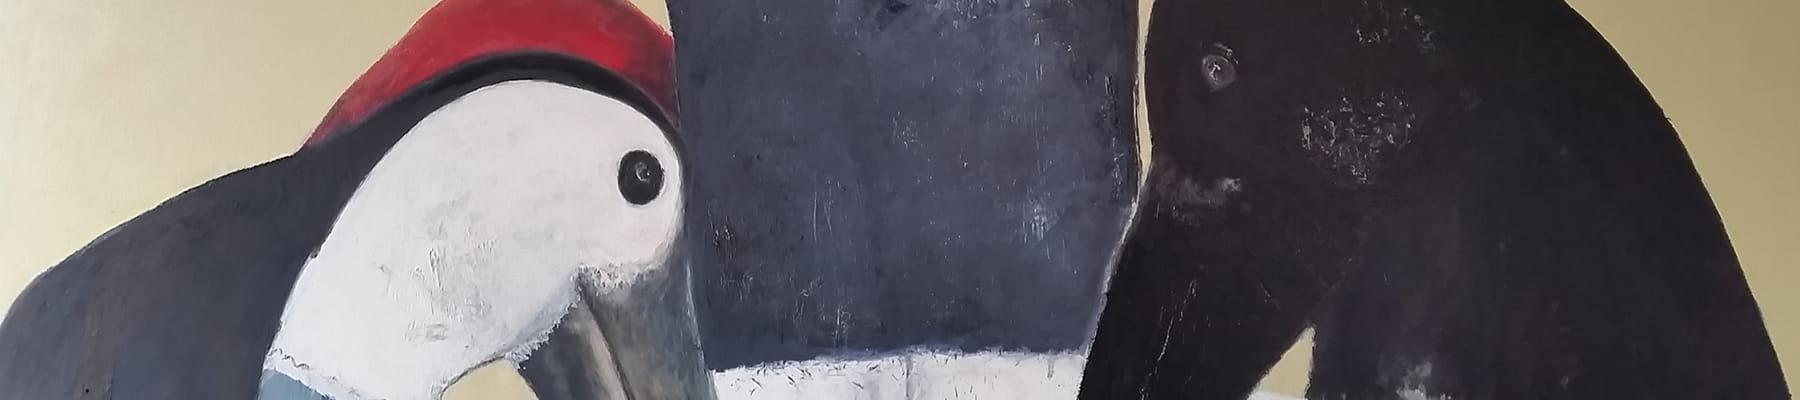 Confab painter